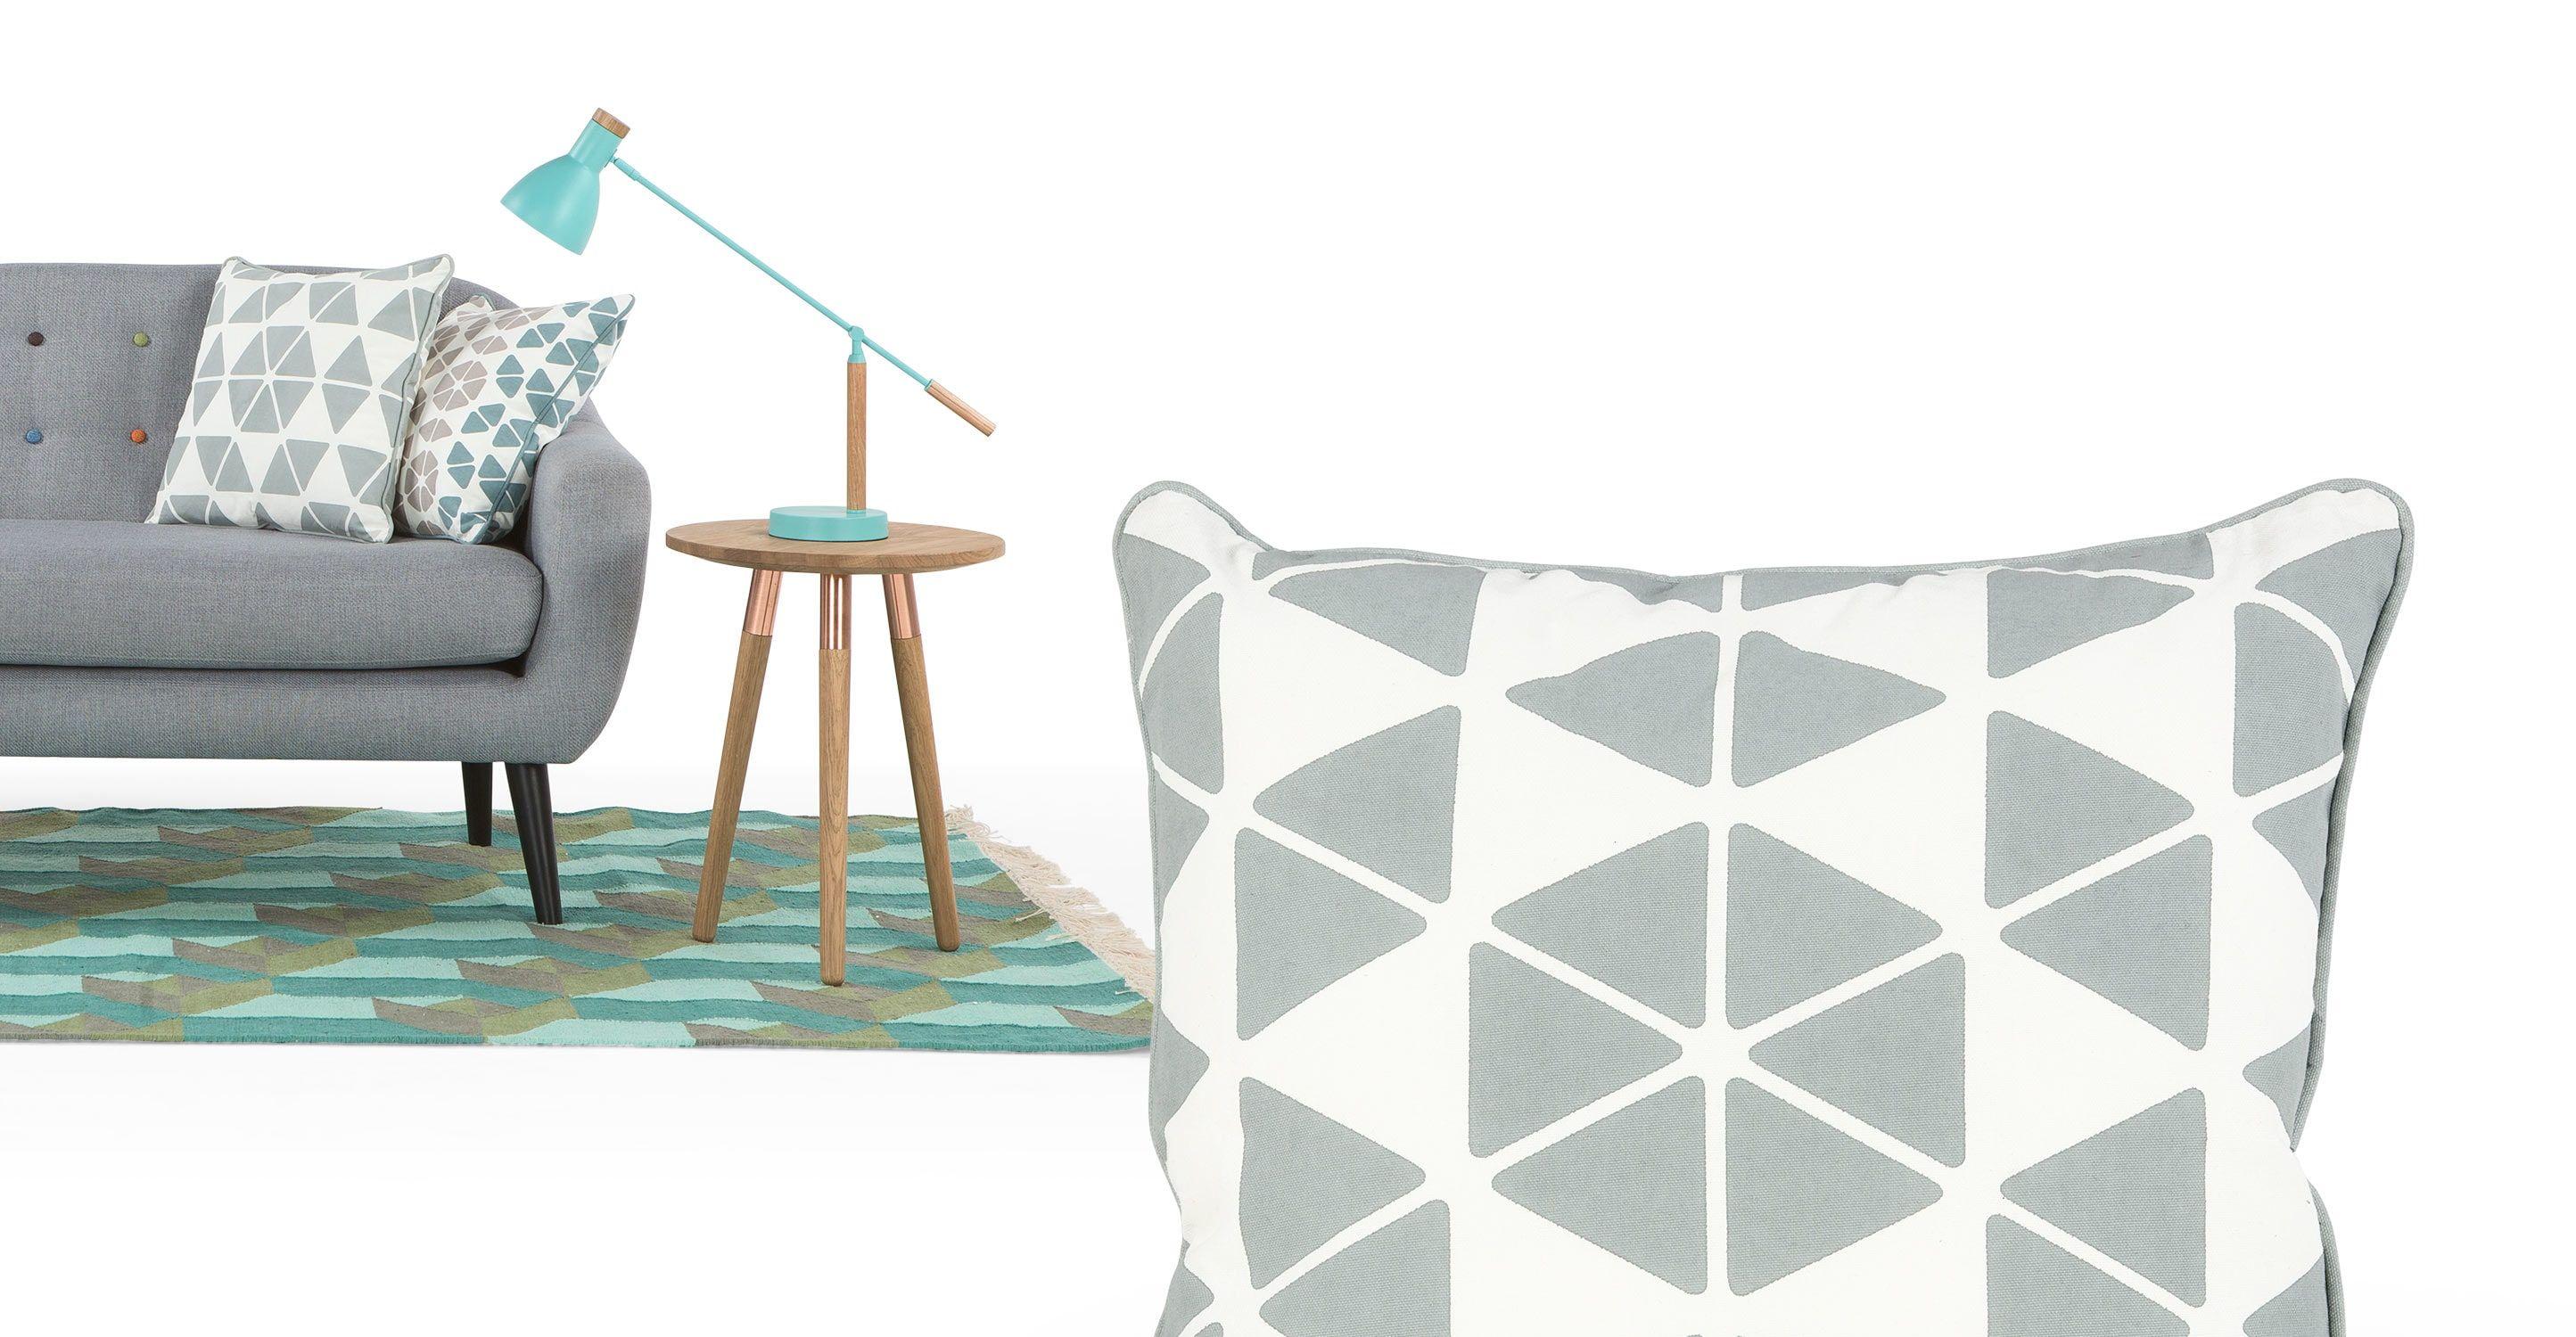 Kissen 40x40 Grun Zierkissen Superflausch Rot Couchkissen Grau Kissen 80x80 Daunen Kopfkissen Kissen Design Cushions Front Room Decor Cushions On Sofa